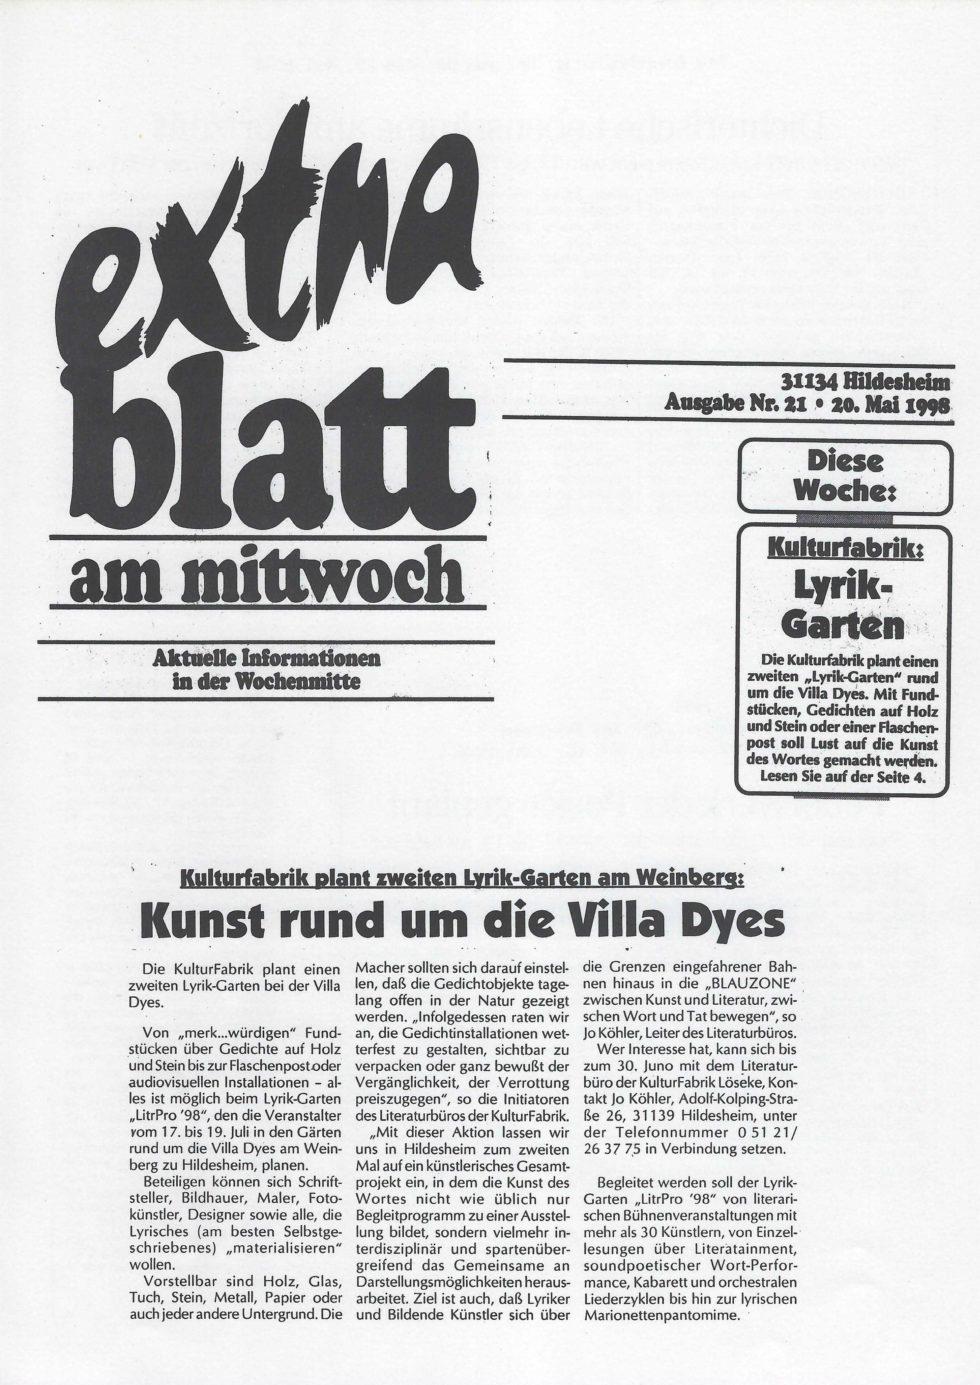 1998 LyrikGarten, LiteraTalk, Politisches_Seite_21